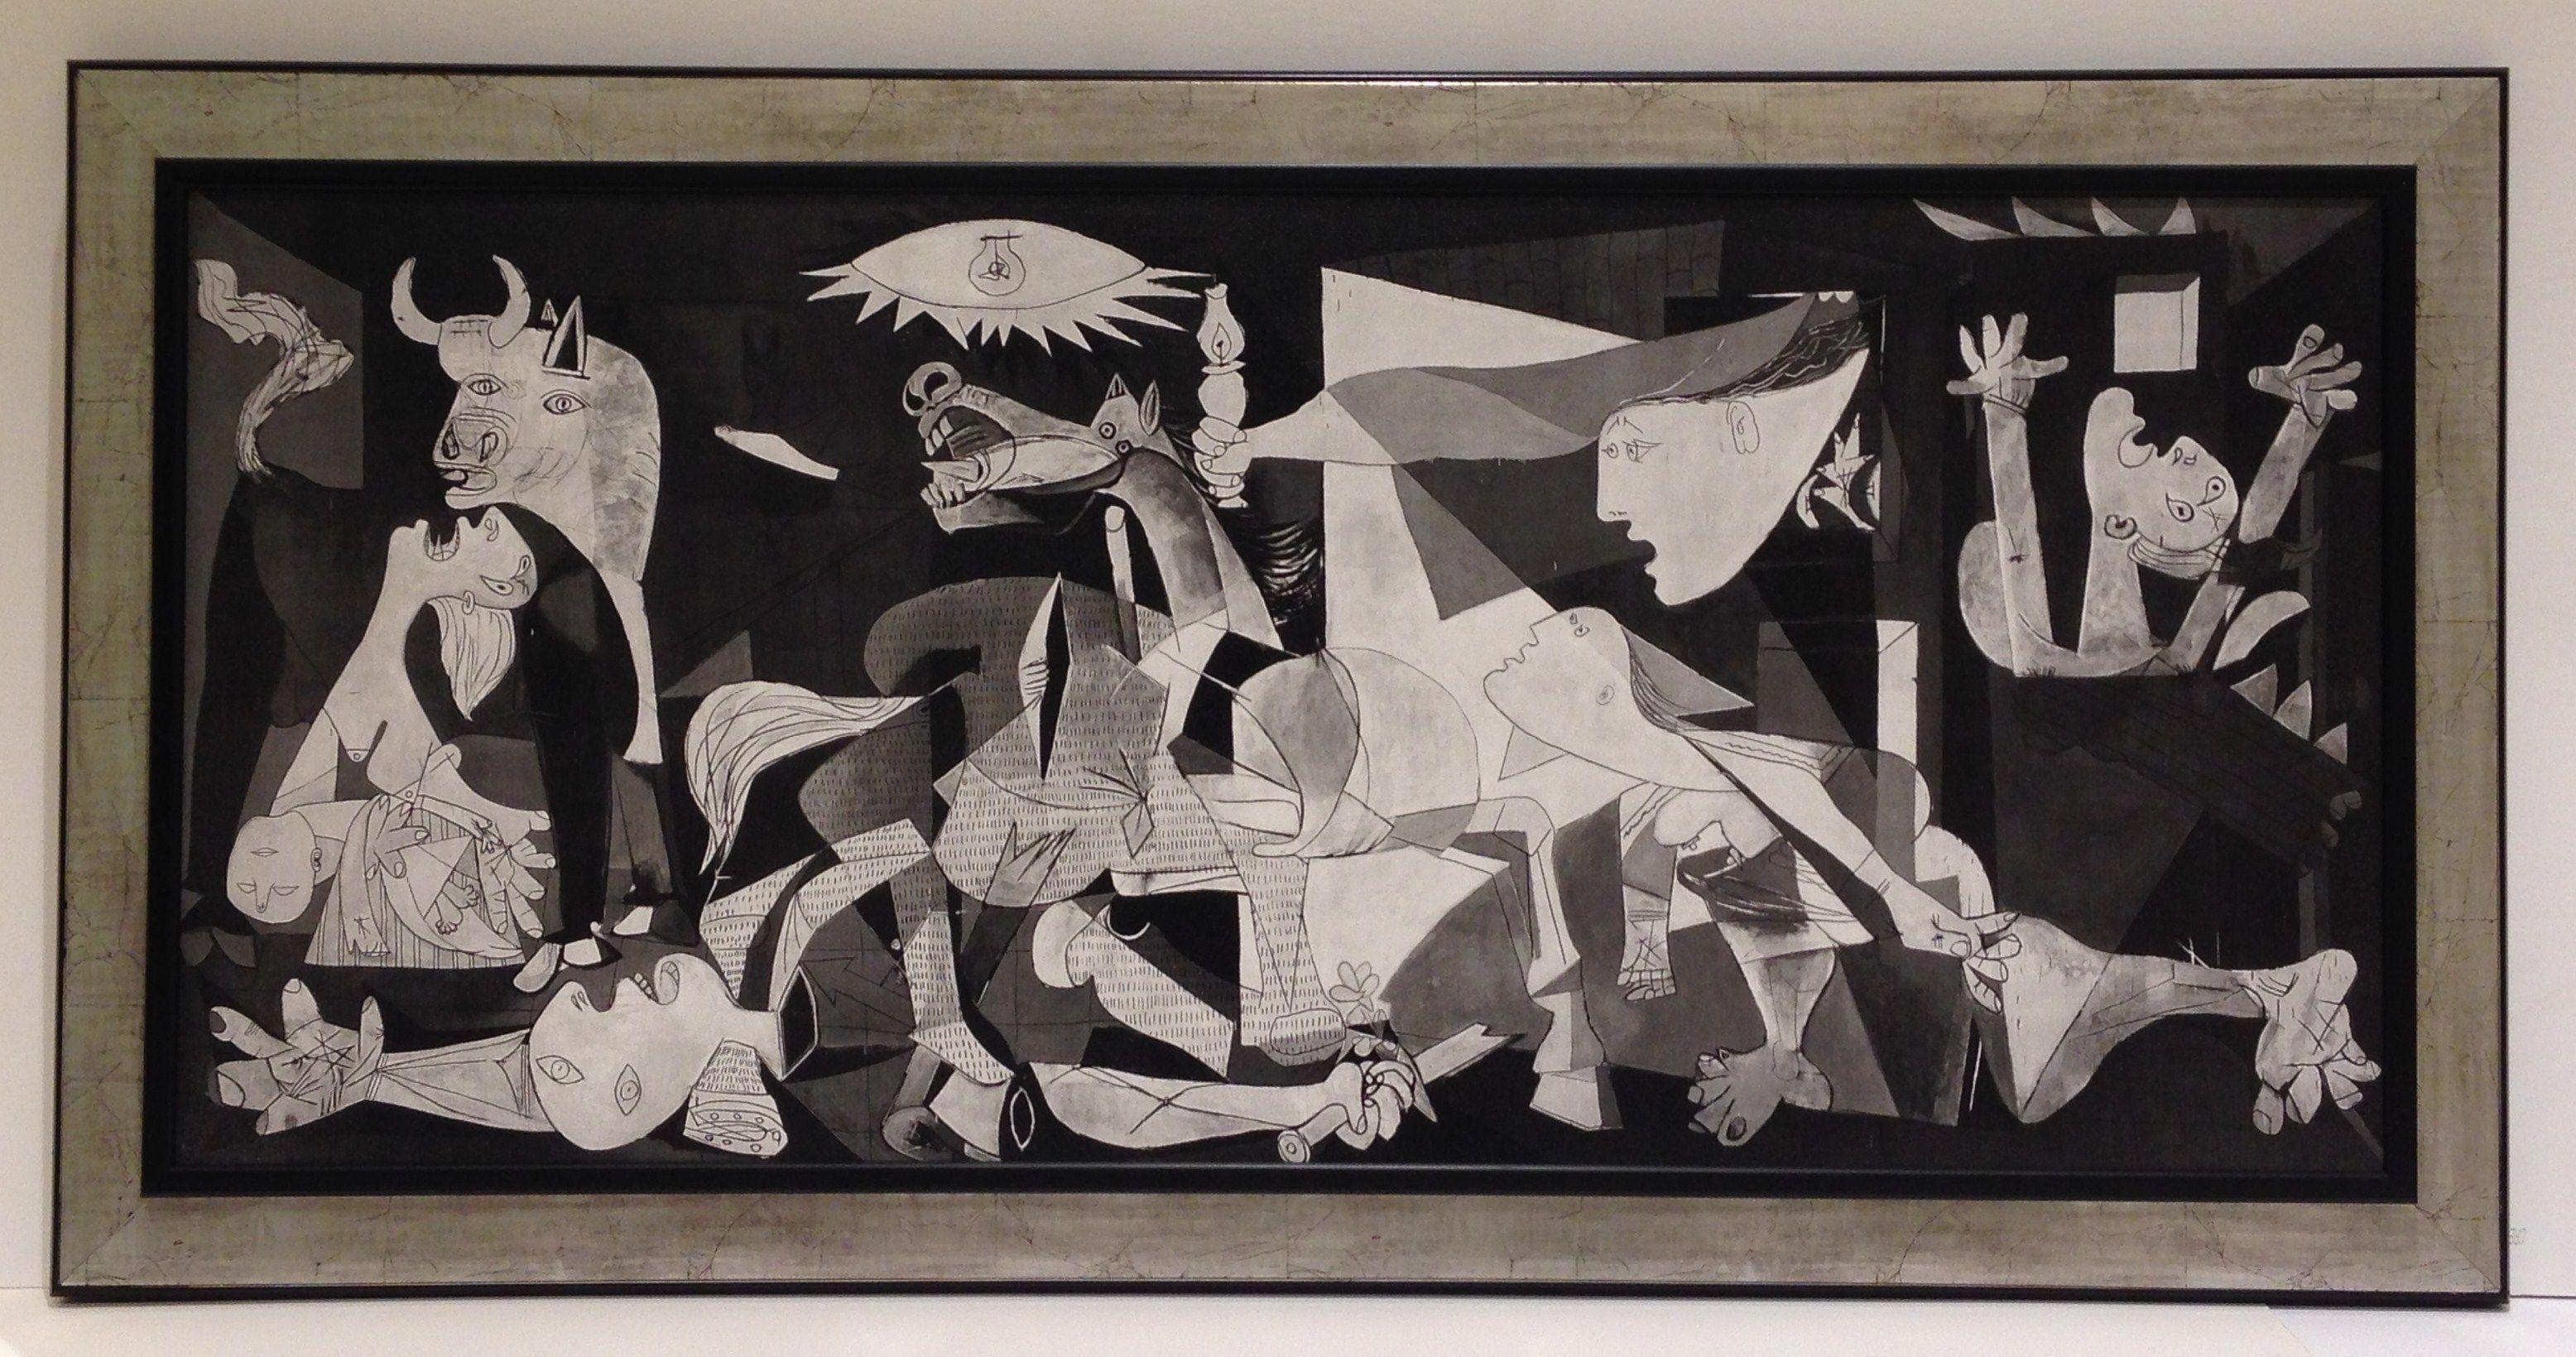 Reproducción Del Cuadro Guernica De Pablo Picassoenmarcada Sobre - Picassos vintage light drawings pleasure behold